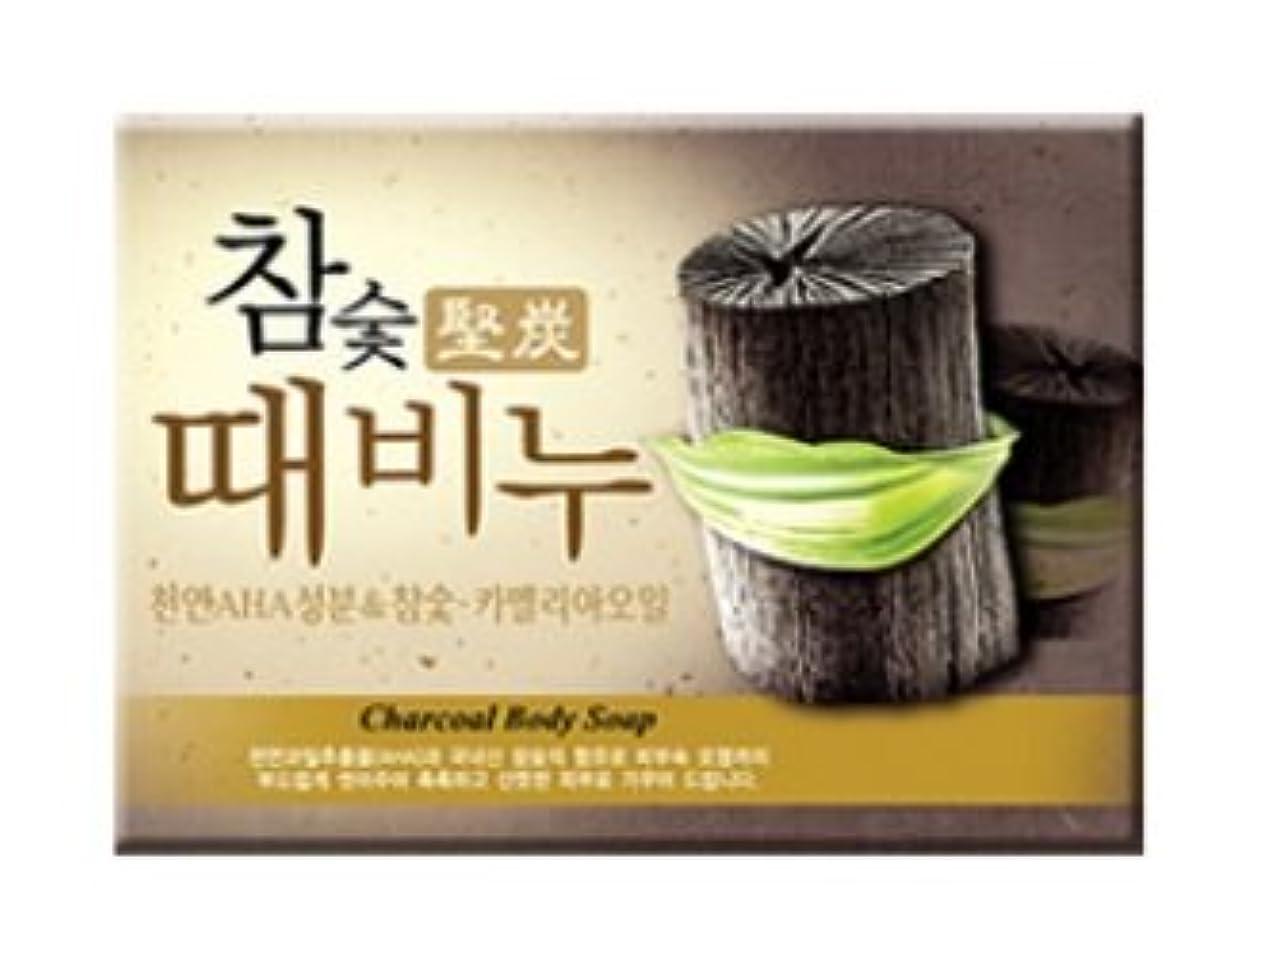 パズルアーク閃光堅炭ソープ 100g / Charcoal Body Soap [並行輸入品]